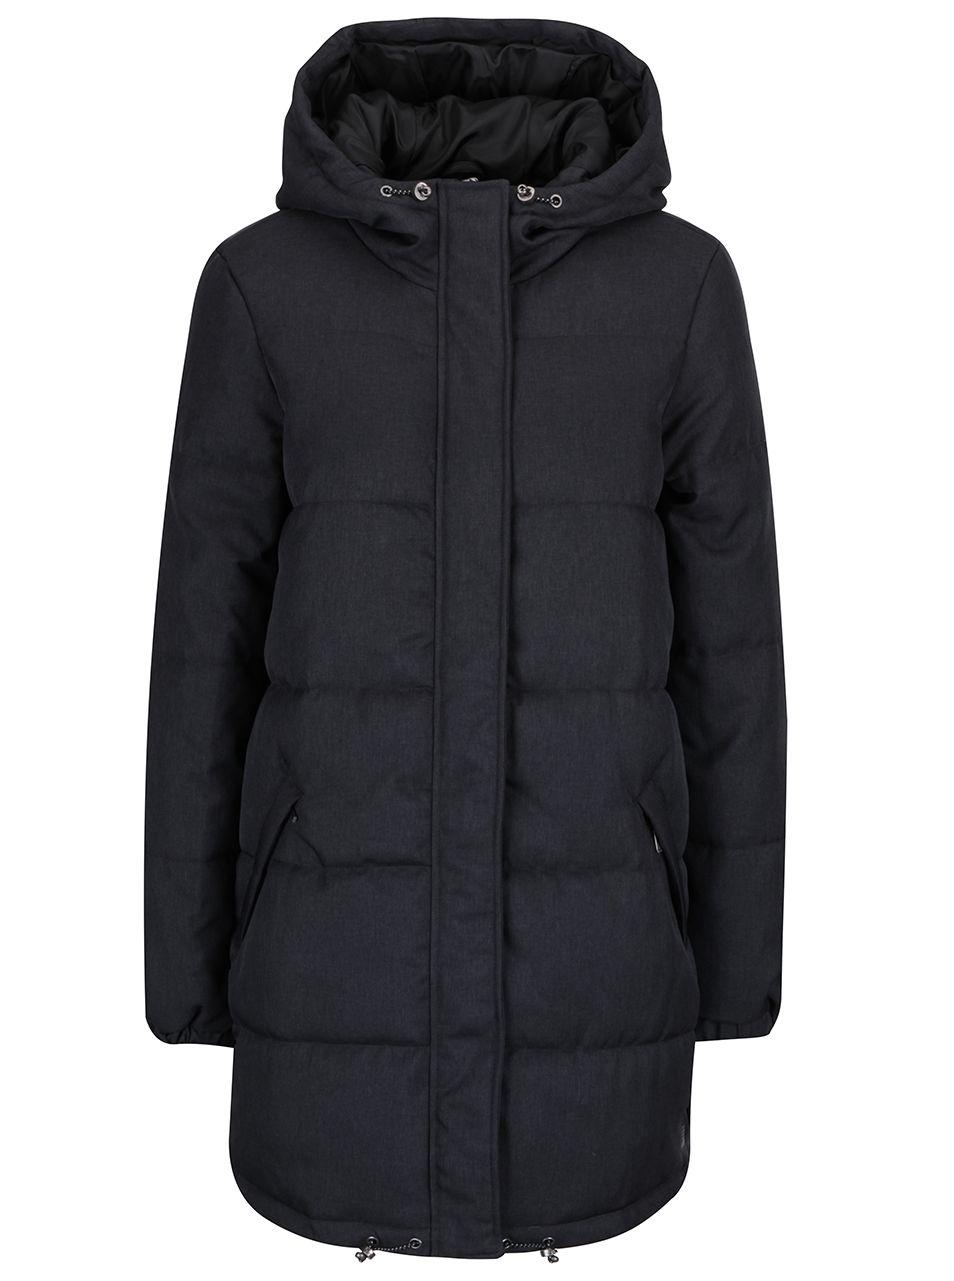 Tmavosivý prešívaný kabát s kapucňou Vero Moda Ricarda  b77cd111548